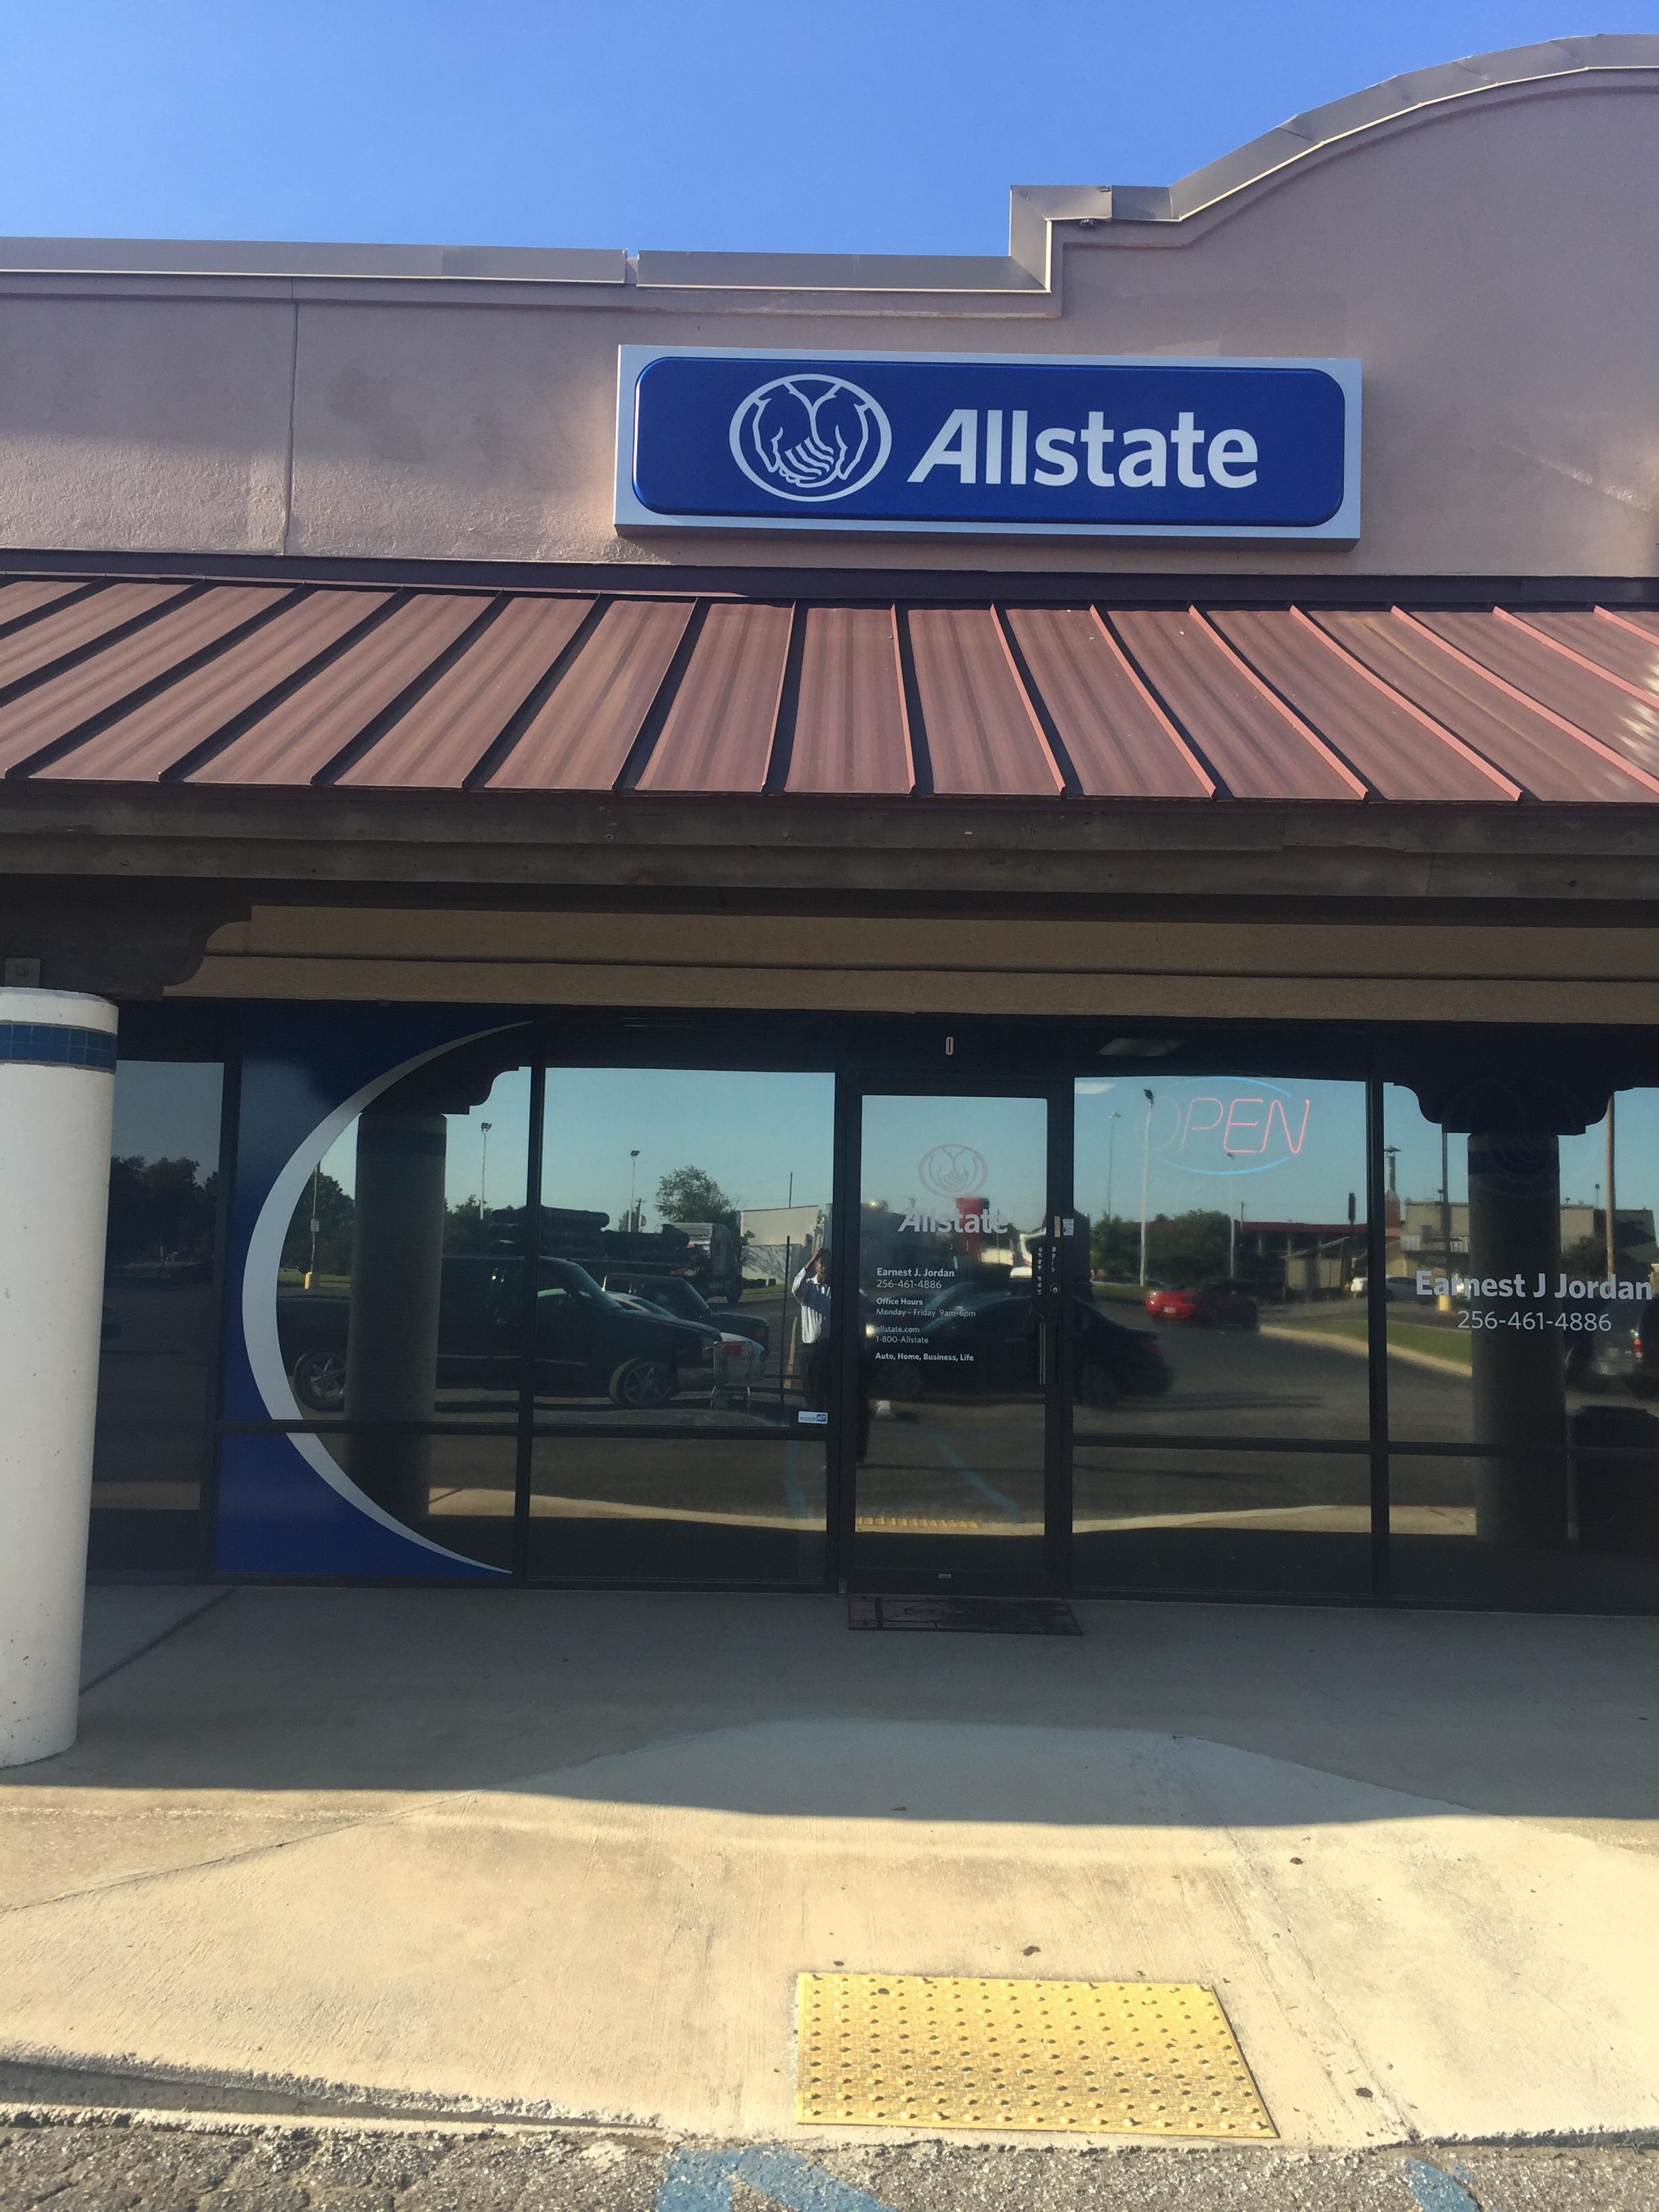 Earnest Jordan: Allstate Insurance